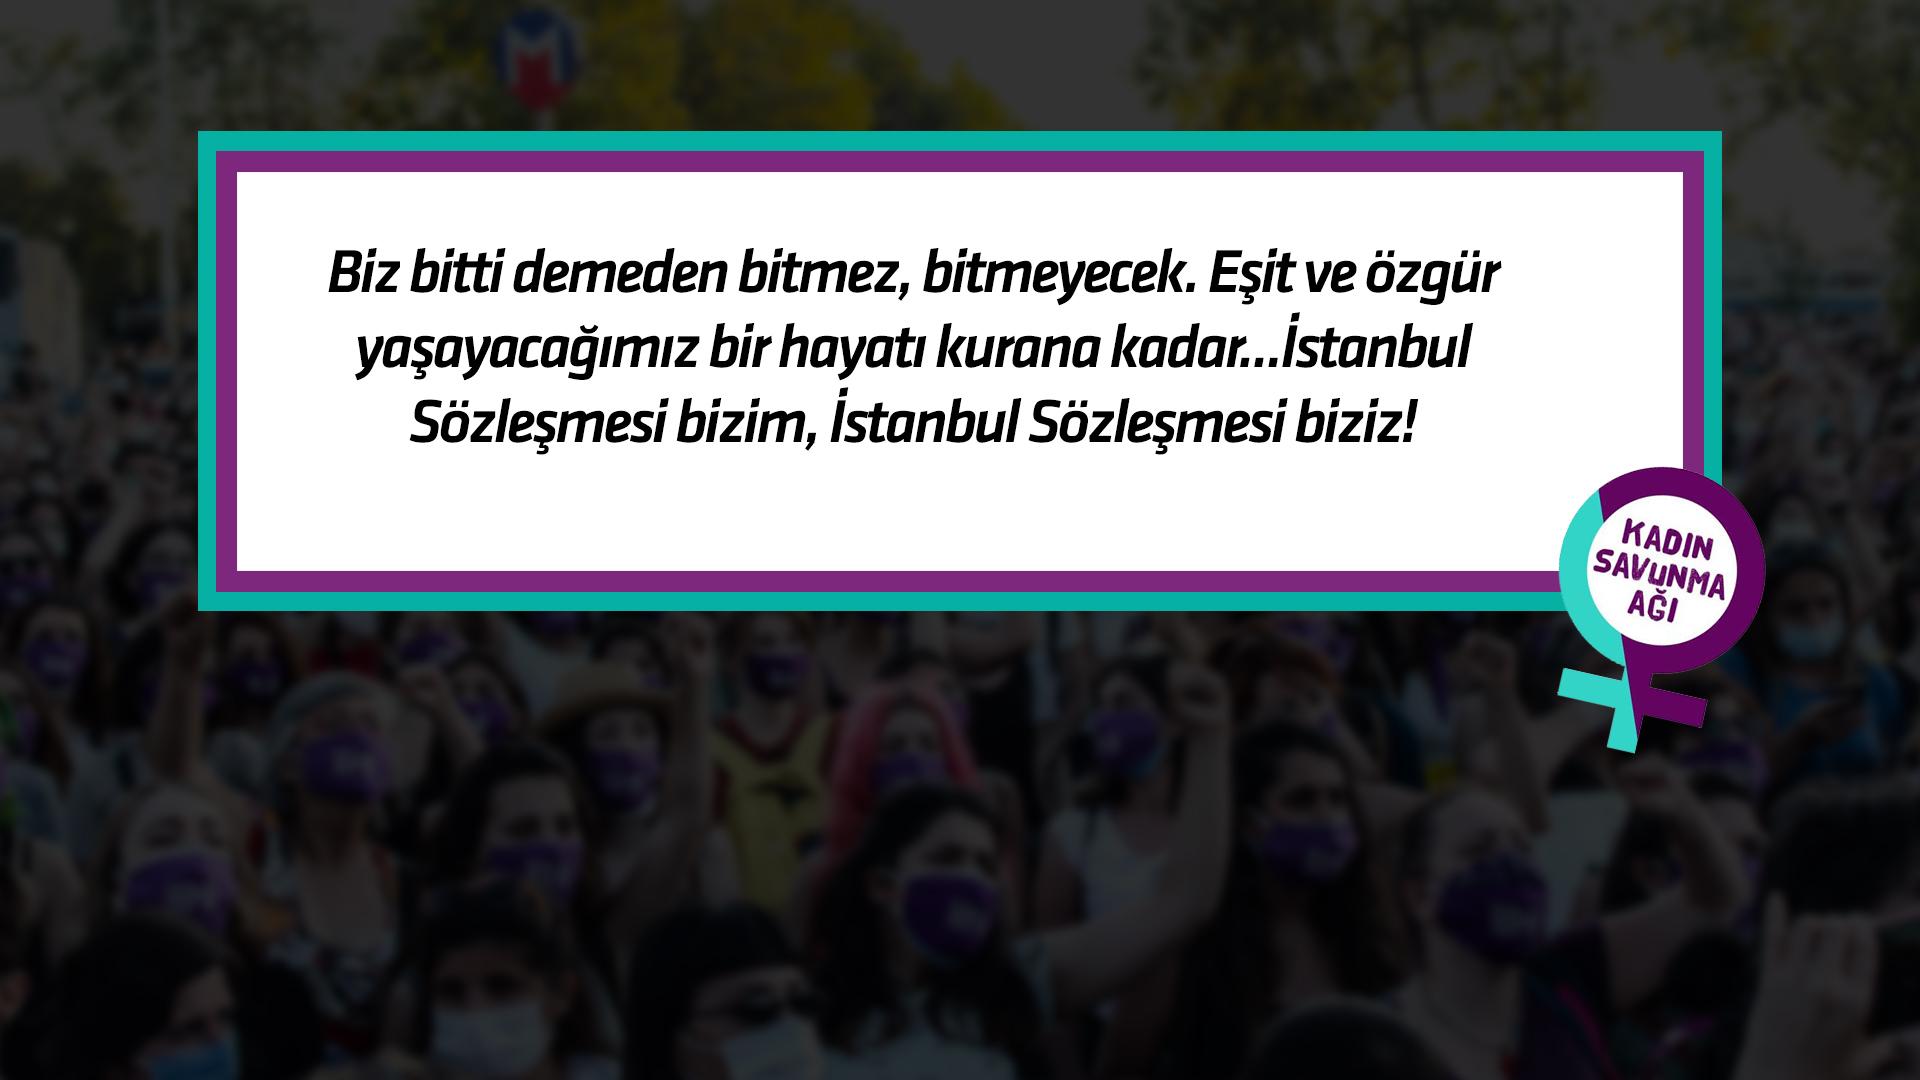 Biz bitti demeden bitmez. Vazgeçmiyoruz! İstanbul Sözleşmesi biziz!